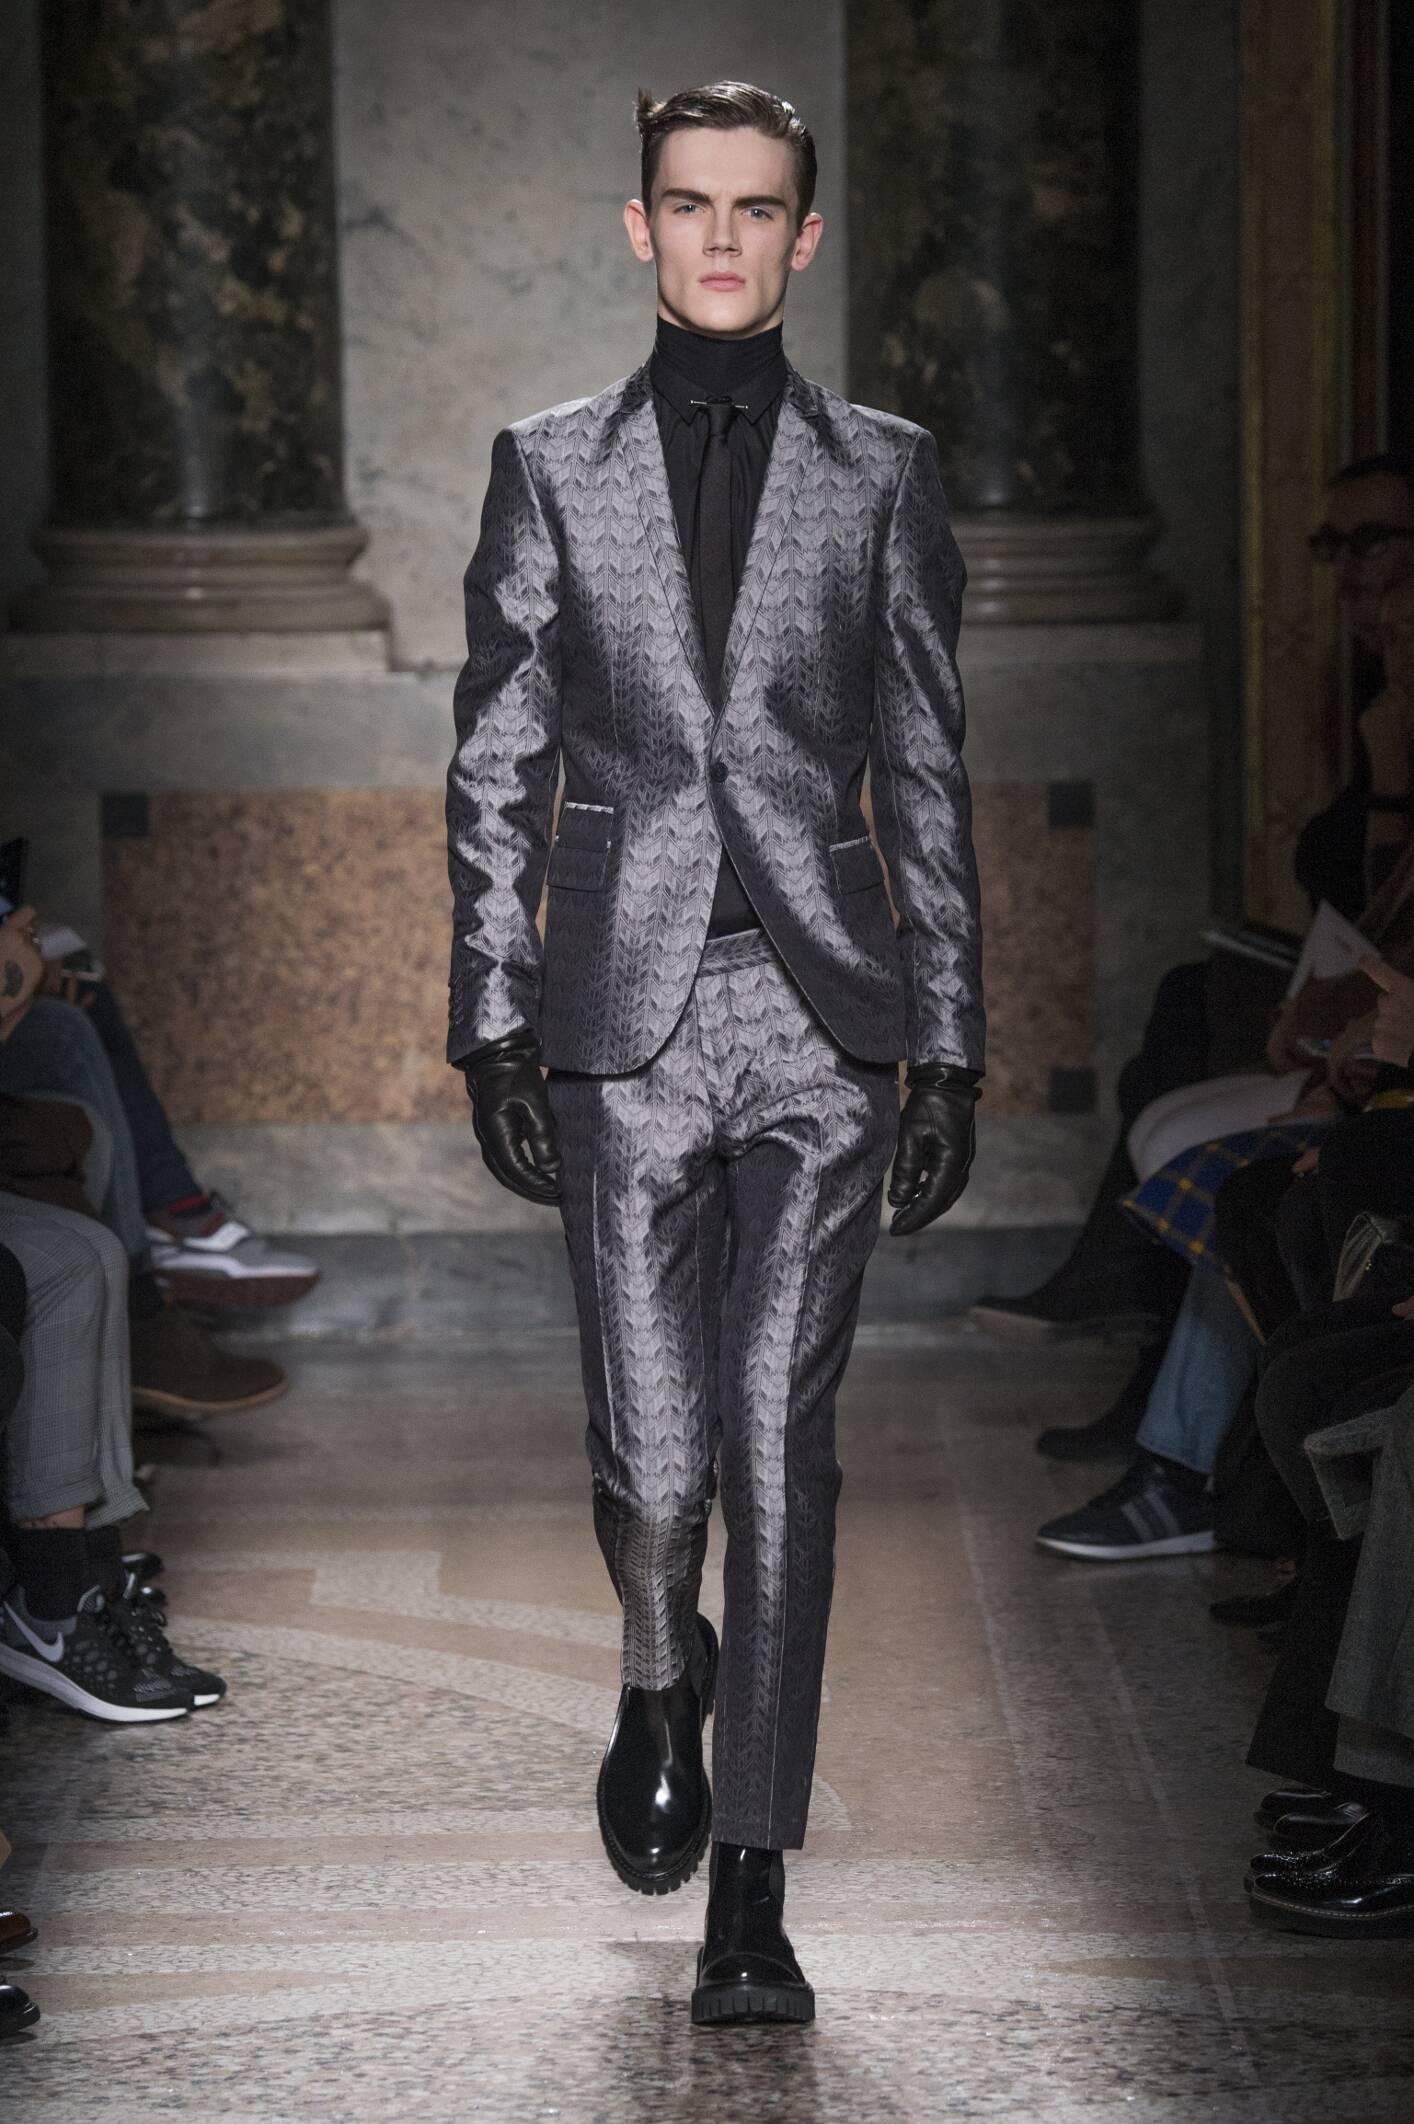 Winter Suit Trends 2015 Man Les Hommes